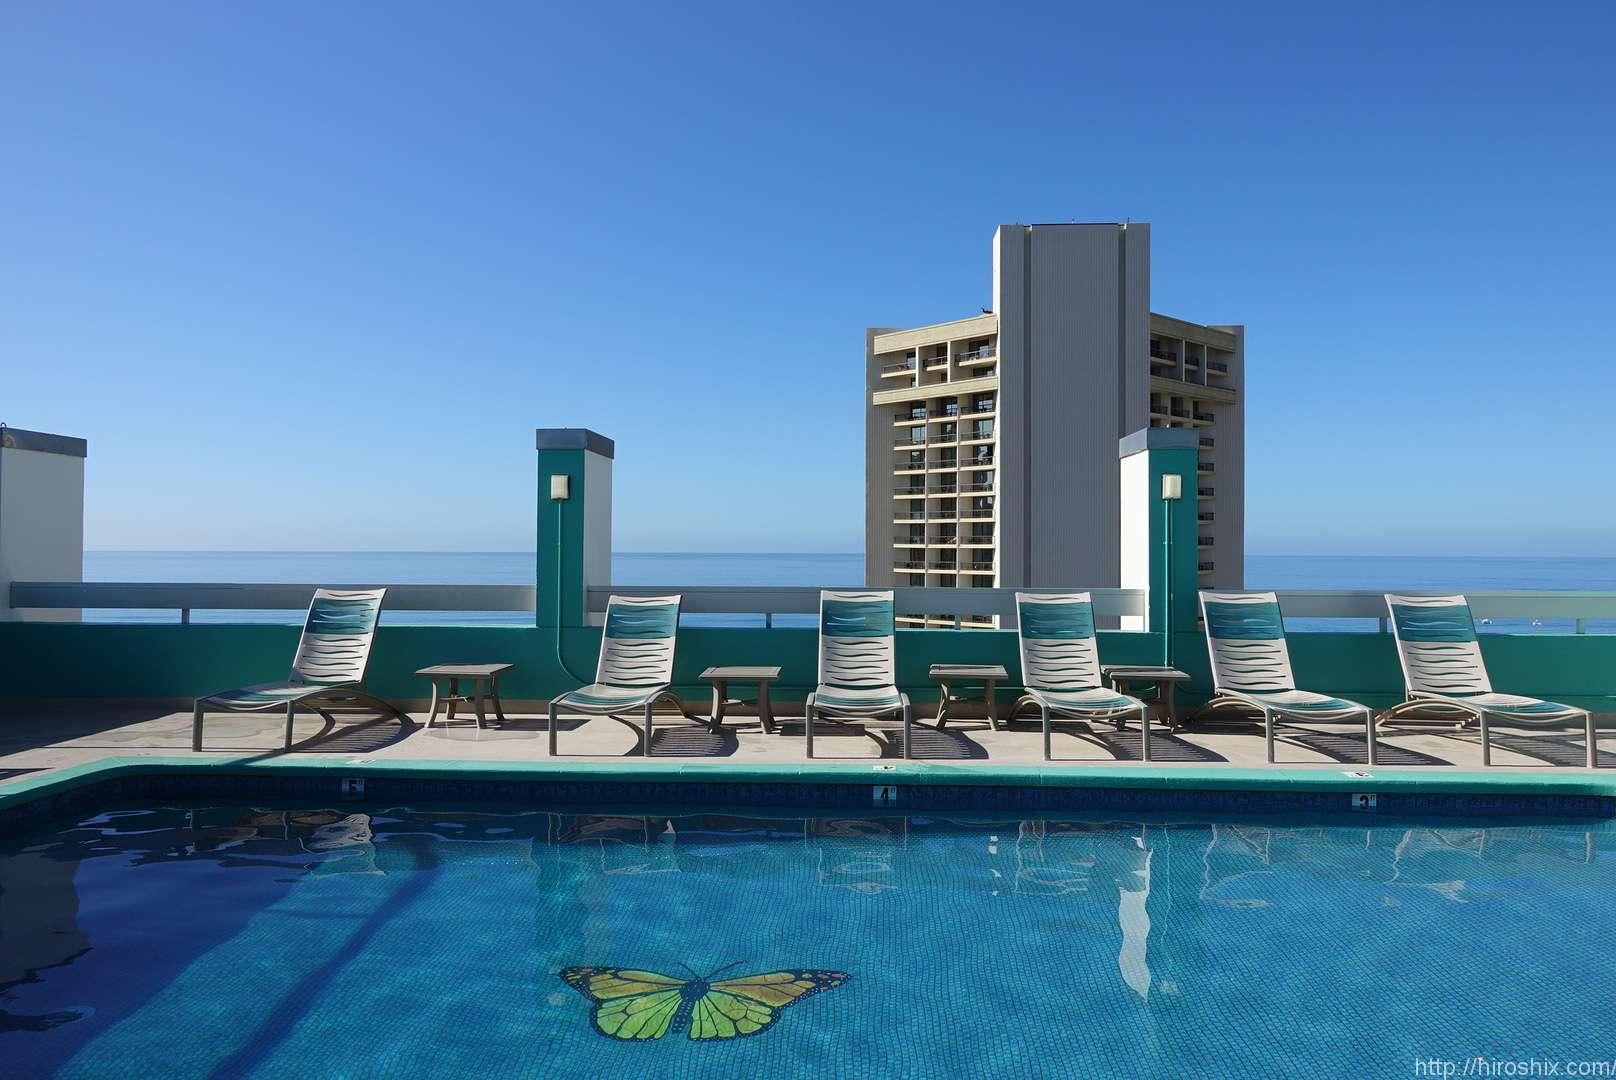 ハワイ・ワイキキのコンドミニアム、アクア・パシフィックモナーク宿泊記【ハワイ旅行2017】